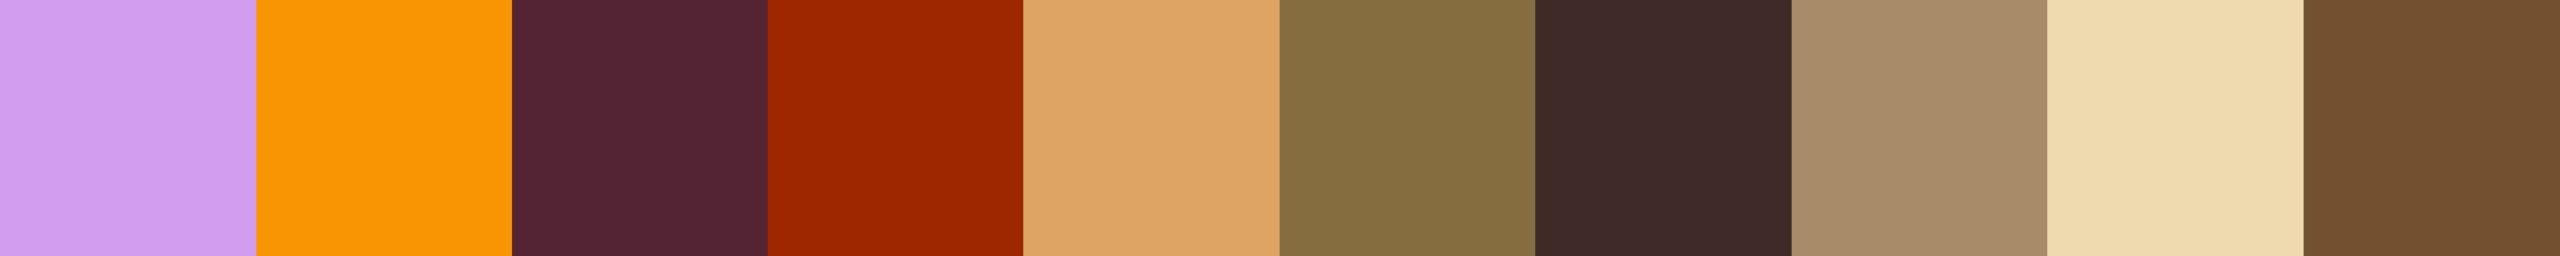 91 Helezia Color Palette